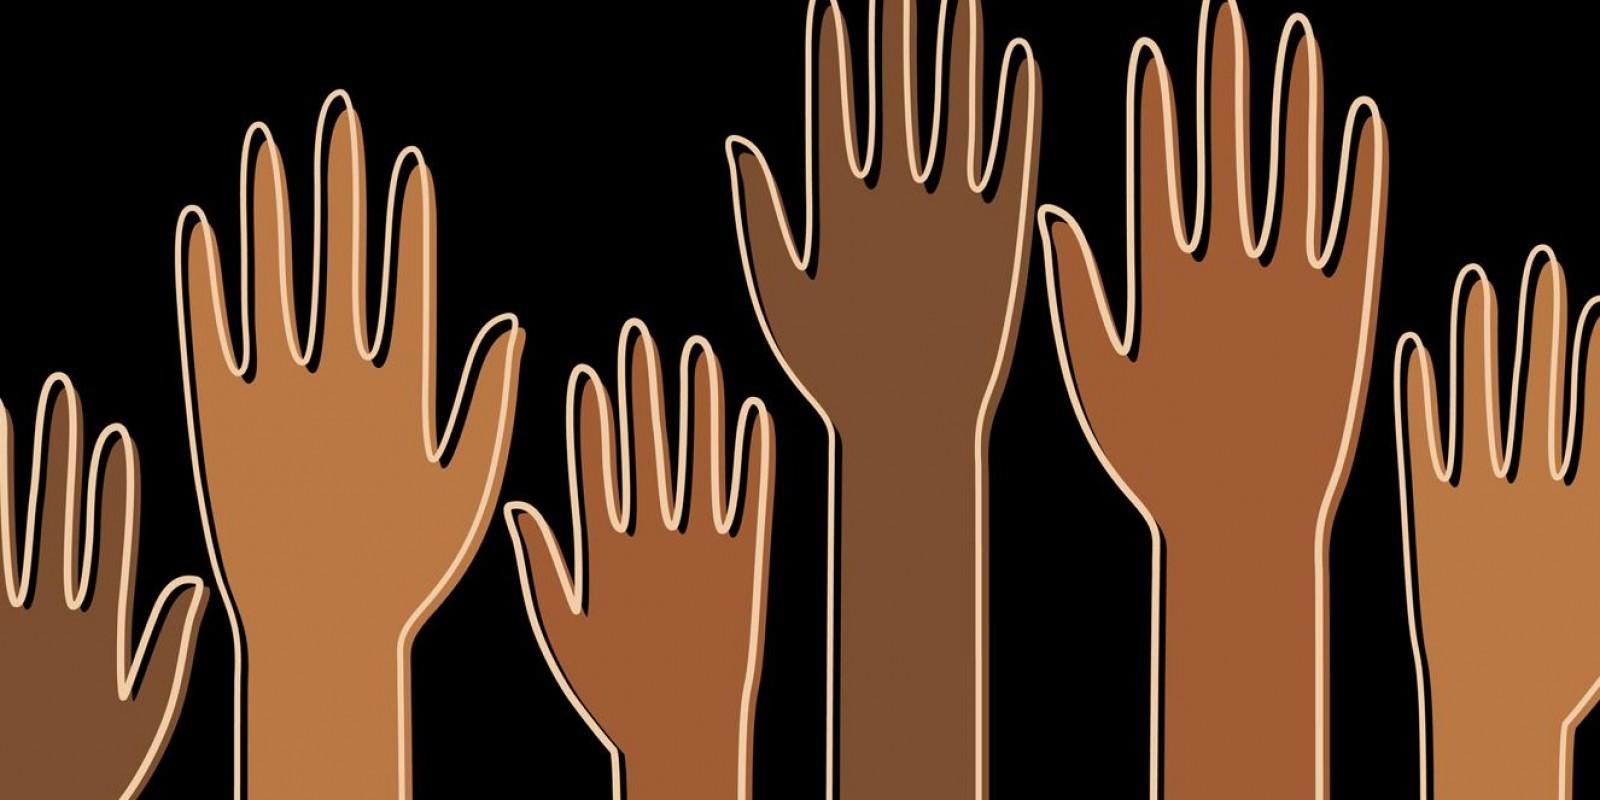 Cotas Raciais: 15 Anos Depois